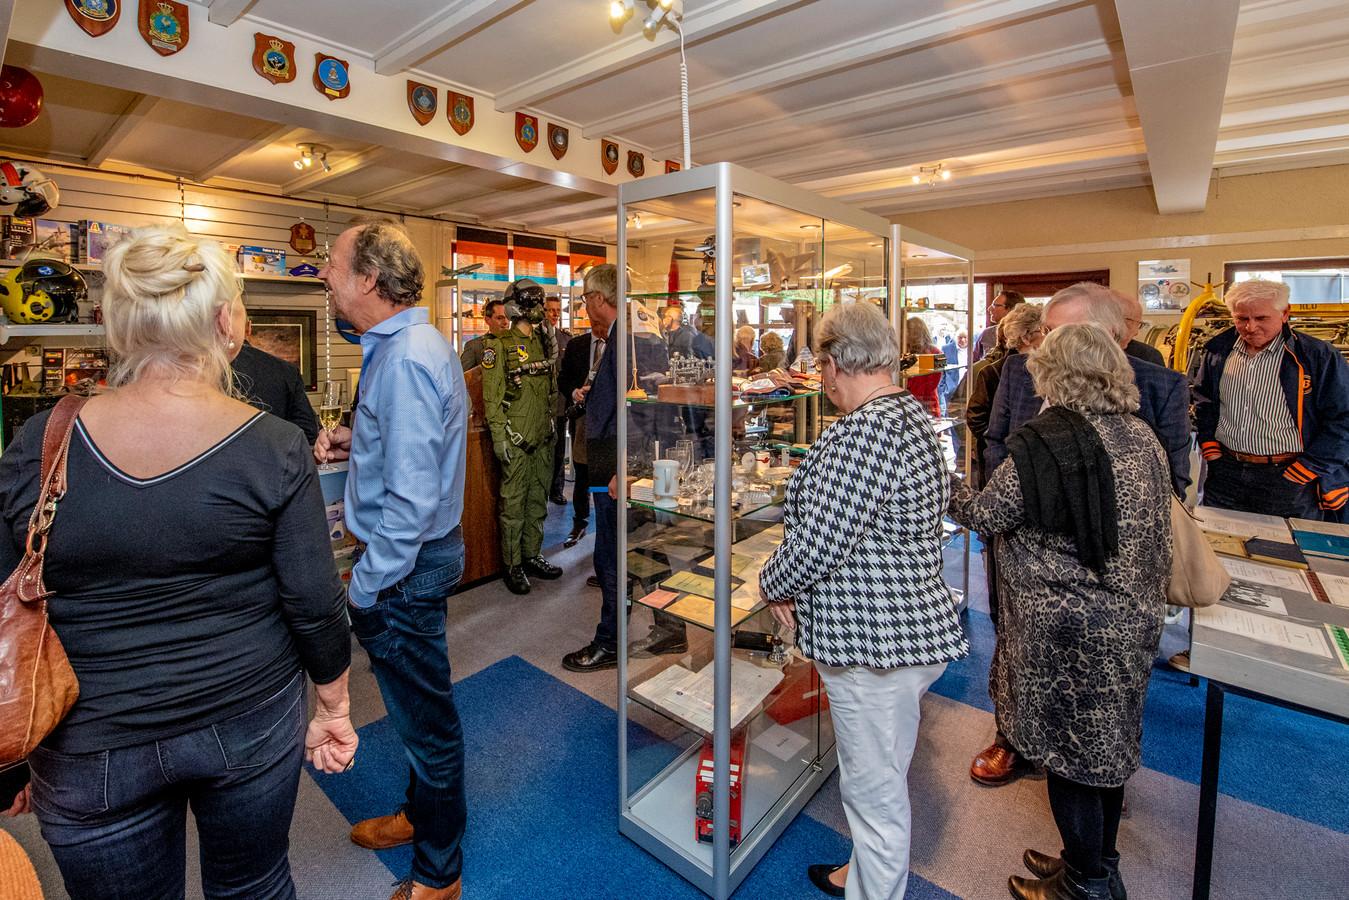 Tientallen genodigden vergaapten zich in het museum aan vele foto's en spullen uit 70 jaar luchtvaarttechniek die Fokker en Vliegbasis Woensdrecht voortbrachten.